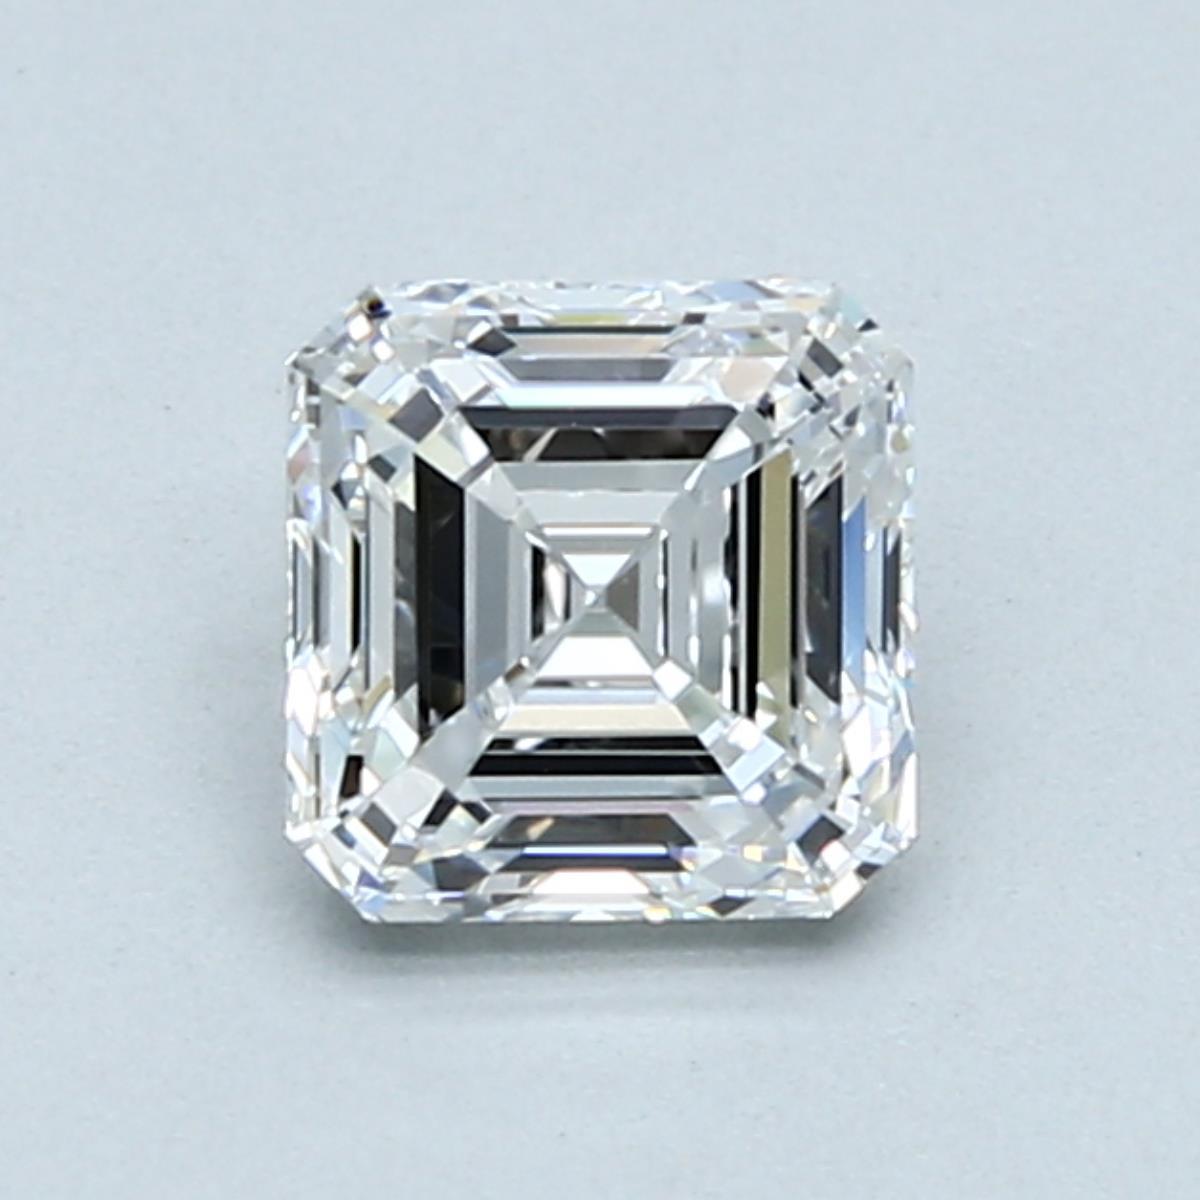 1.01-Carat Asscher Cut Diamond